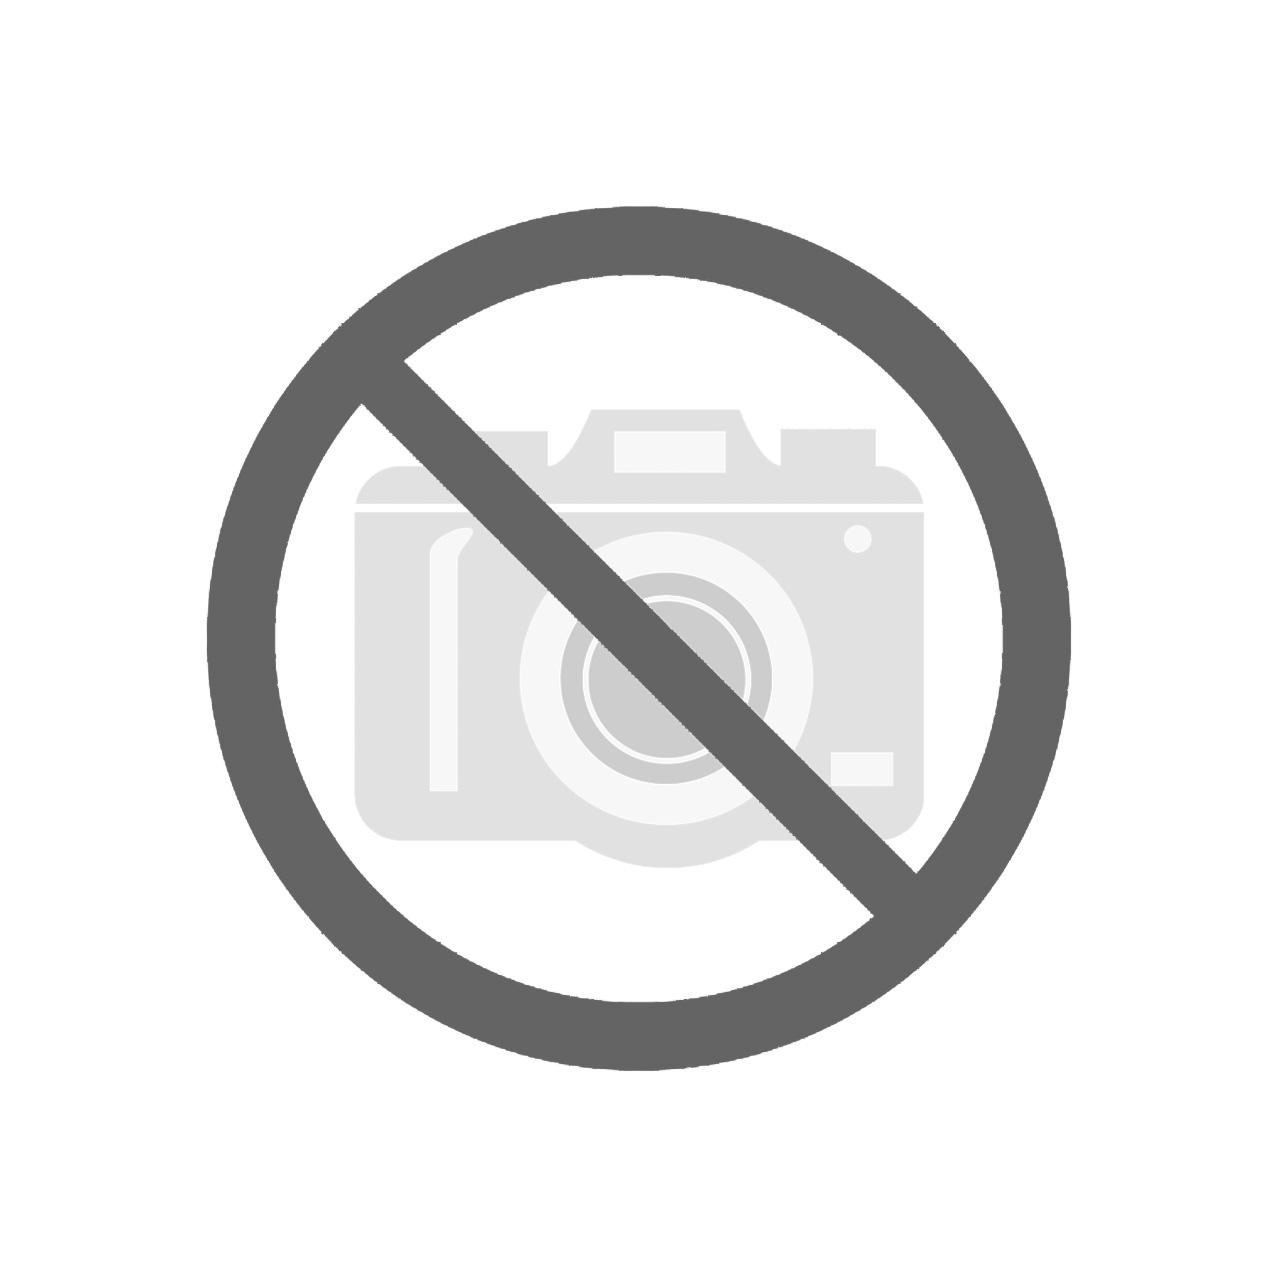 Taśma szlifierska 200 x 50000 mm - G 60 * BERNARDO